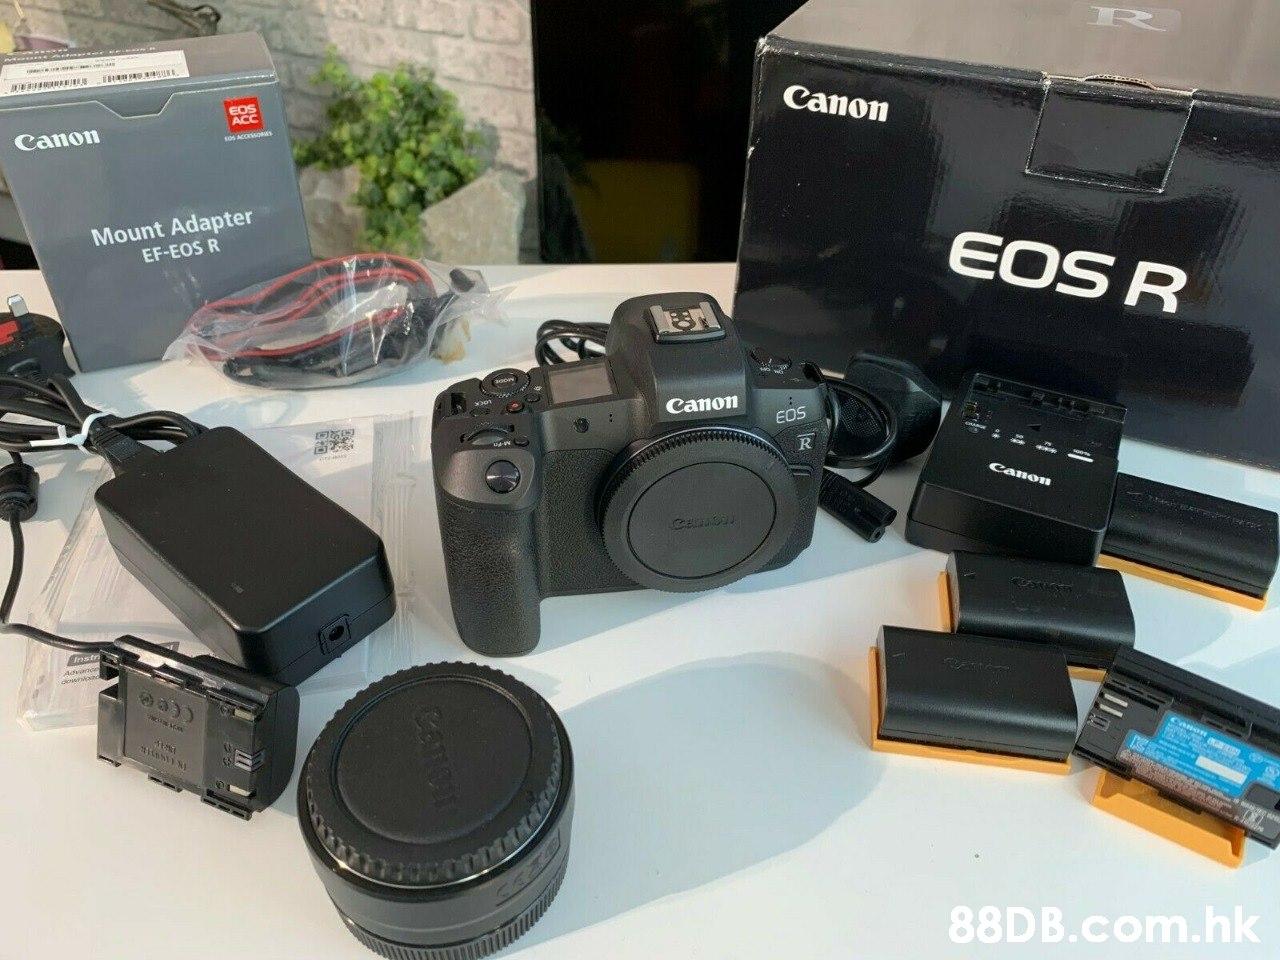 Canon ACC Canon sos ACos Mount Adapter EF-EOS R EOS R Canon EOS Canon Canoun a)) .hk  Cameras & optics,Camera accessory,Camera lens,Point-and-shoot camera,Camera